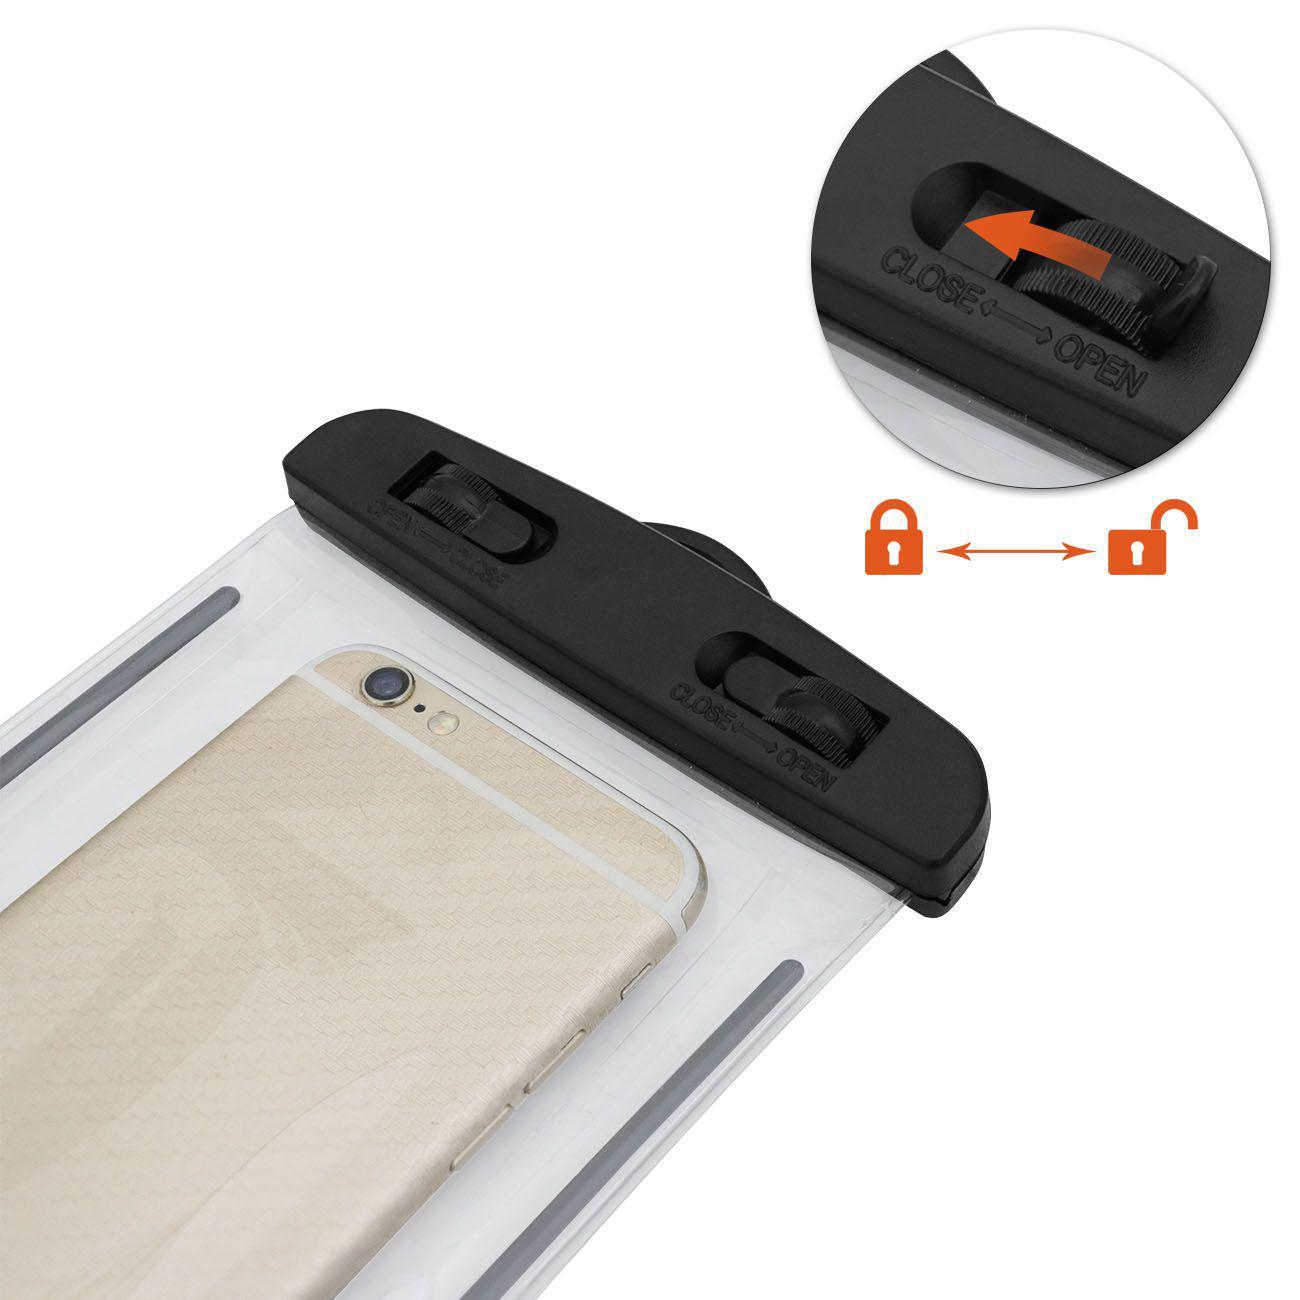 b79b50a45e5 Capa Bolsa Protetora Para Smartphones Prova DÁgua Impermeável em Plástico  de Alta Durabilidade - Ícone mobile Produto não disponível